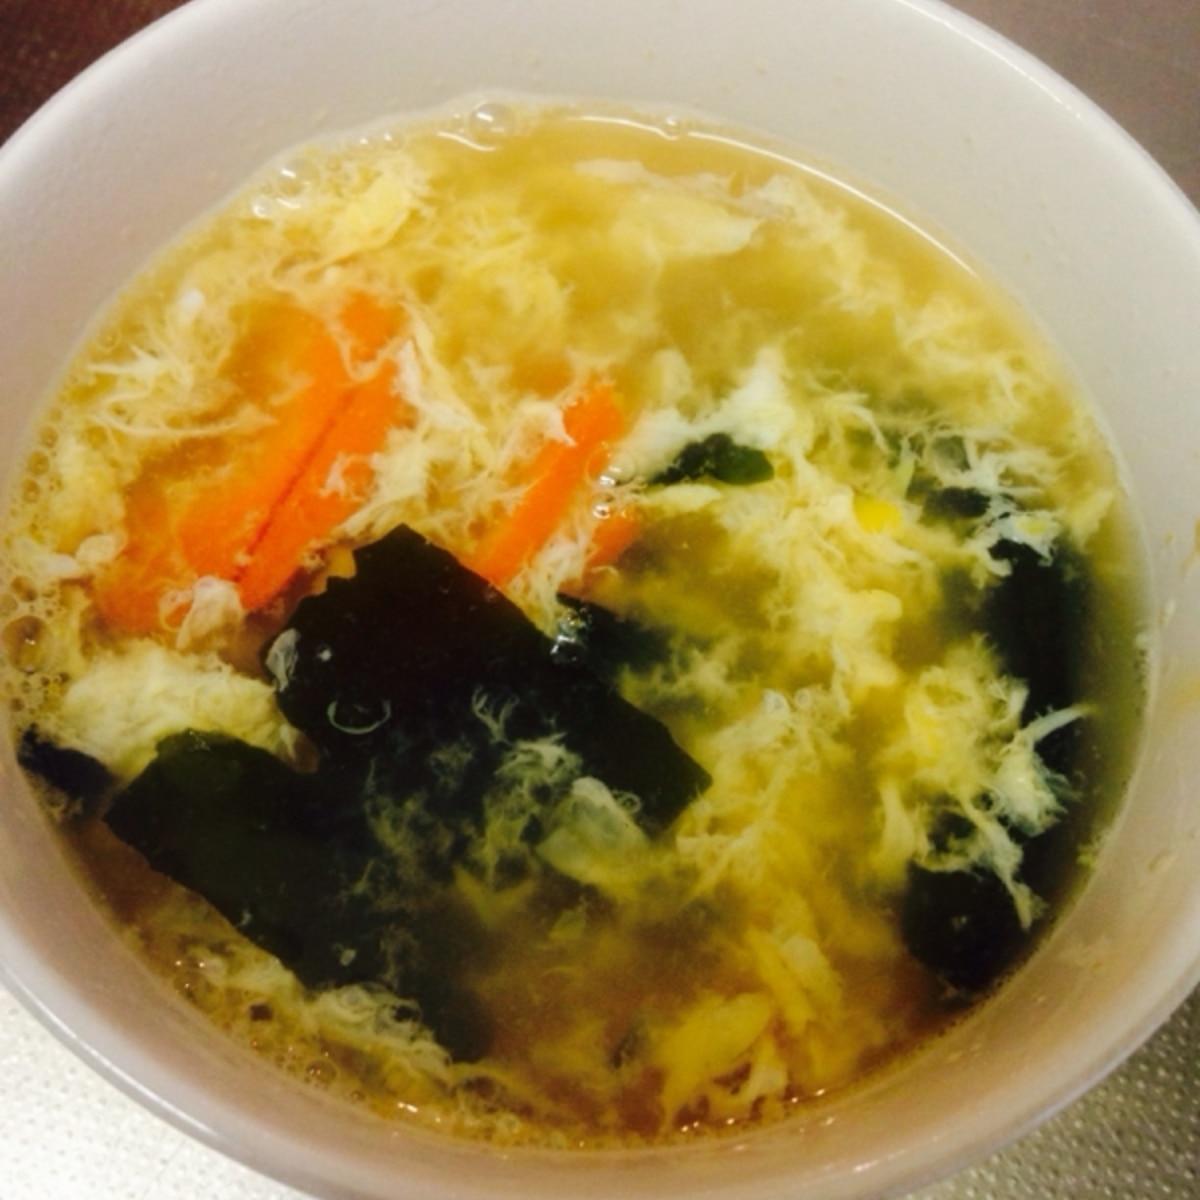 スープ 作り方 春雨 コチュジャンの春雨スープの作り方は?鶏肉と卵とキャベツを使ってレンジで簡単にダイエット!